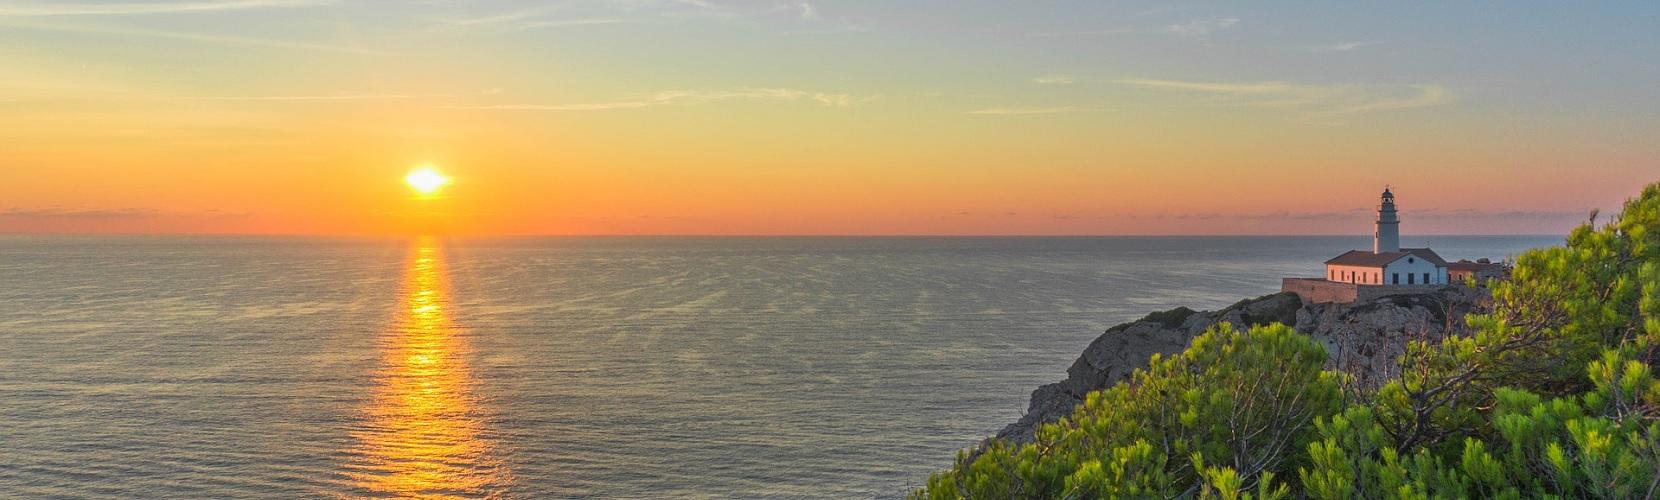 Słoneczna pogoda na balearskiej wyspie Majorka